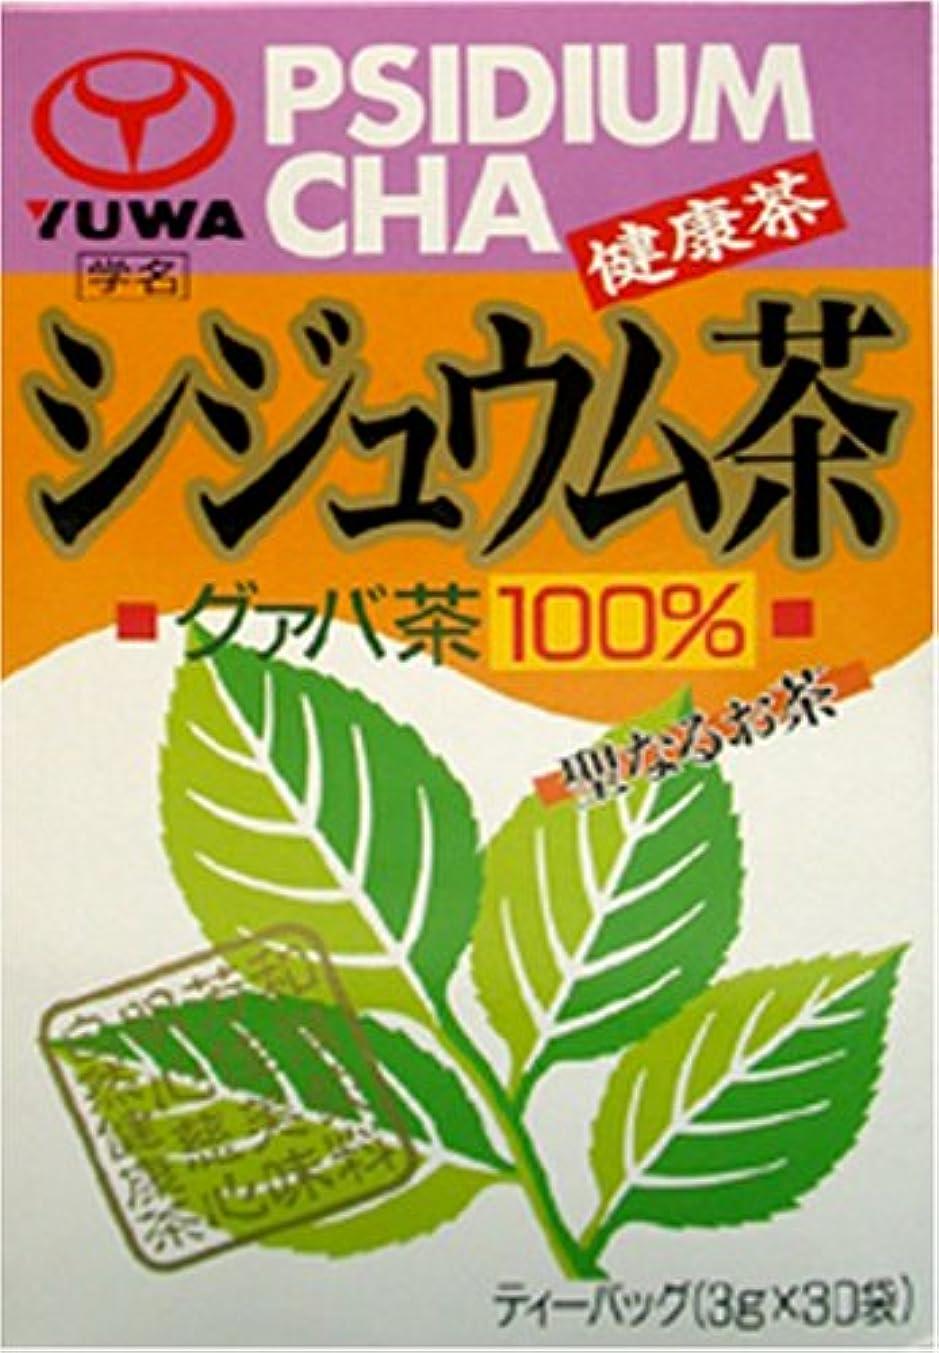 アセンブリ出発するについてユーワ シジュウム茶 30包